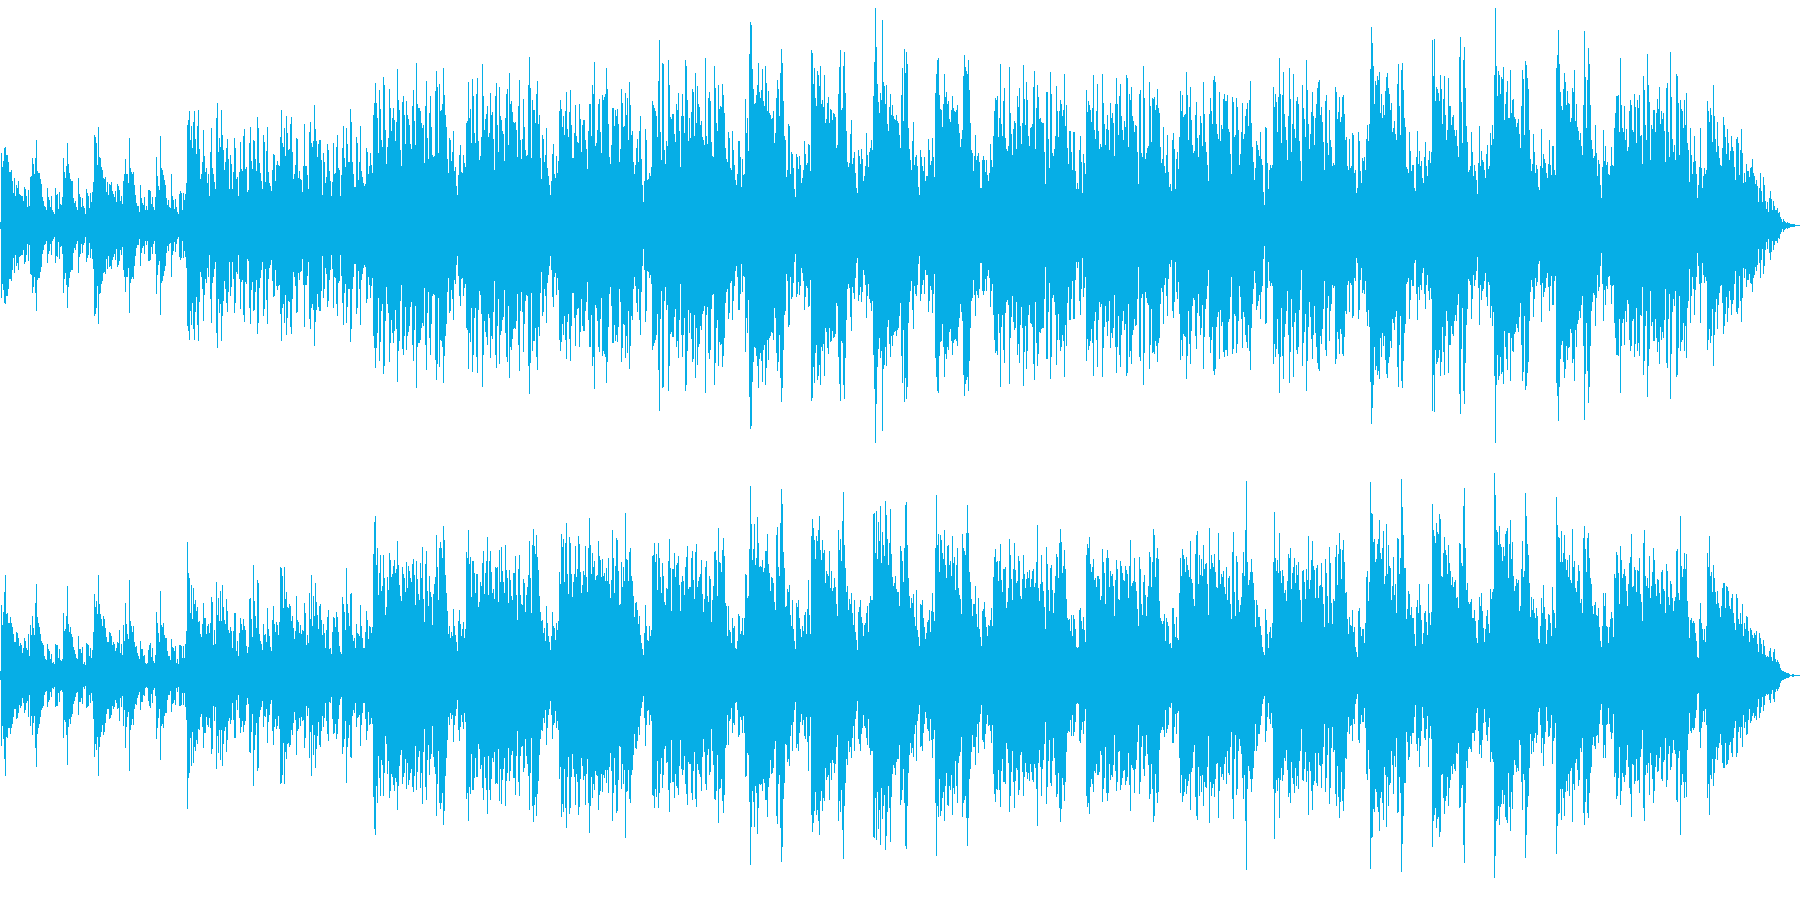 濁流 洪水 嵐 弦楽メインの劇伴風の再生済みの波形